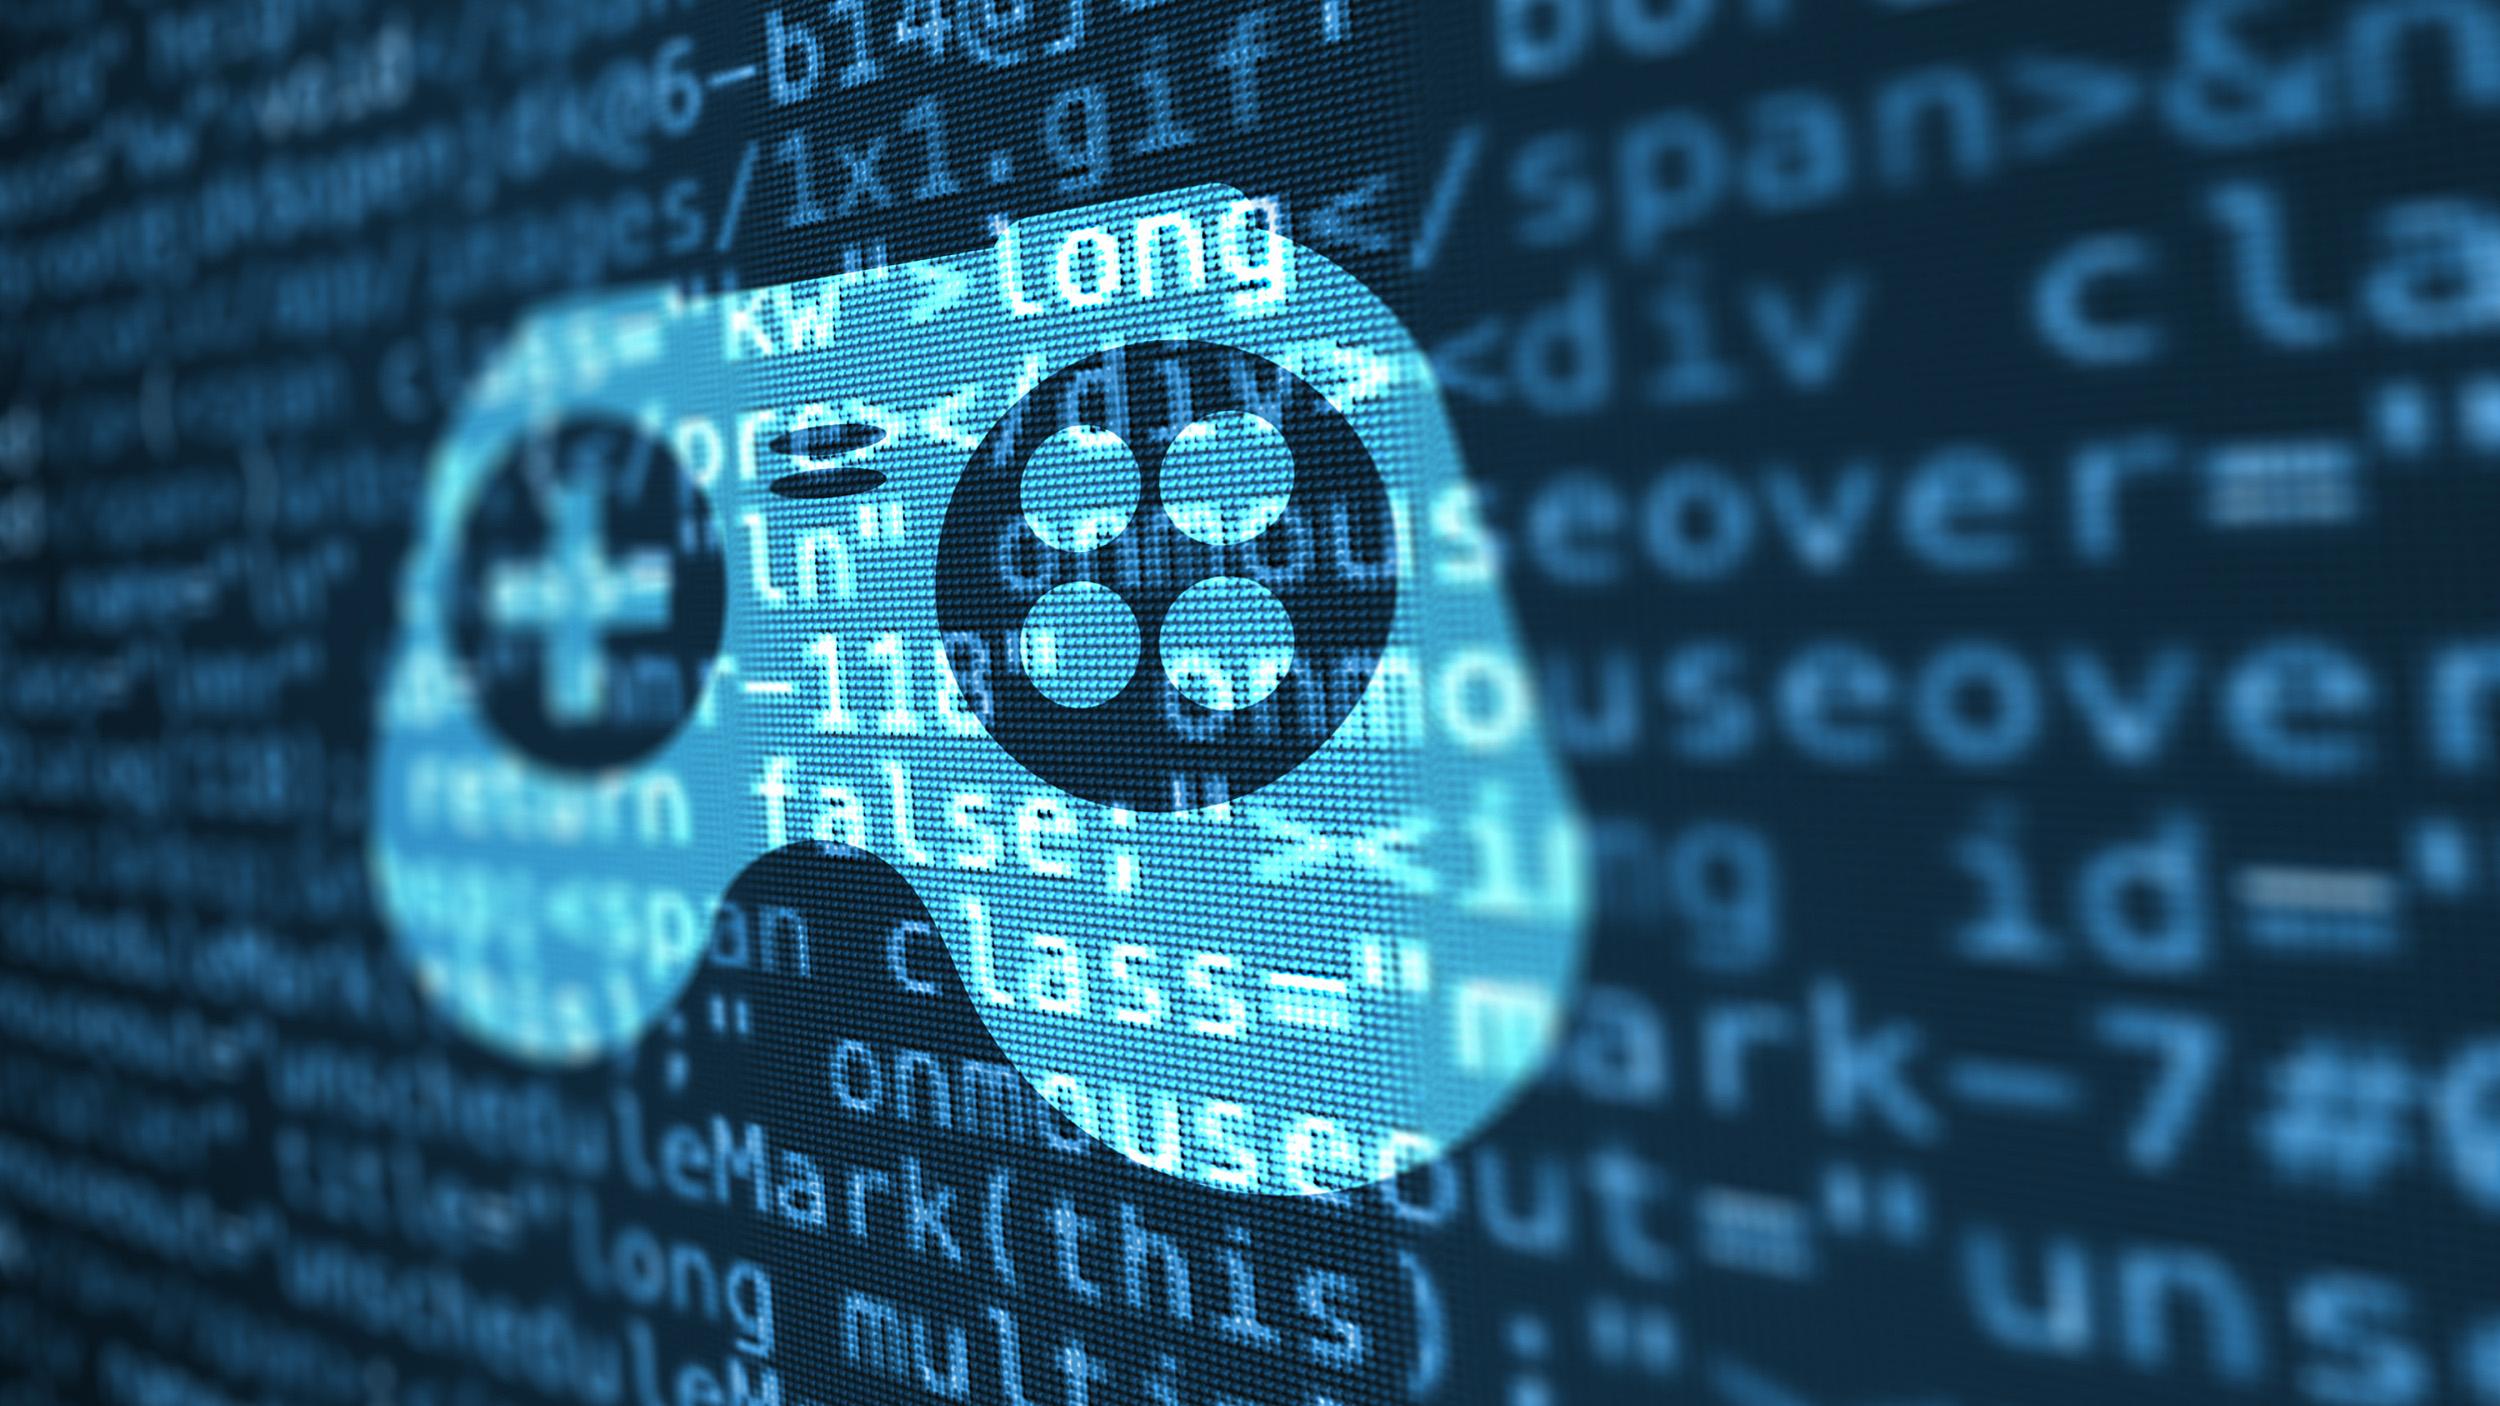 IBM consigue una patente para juegos que usará un consenso blockchain